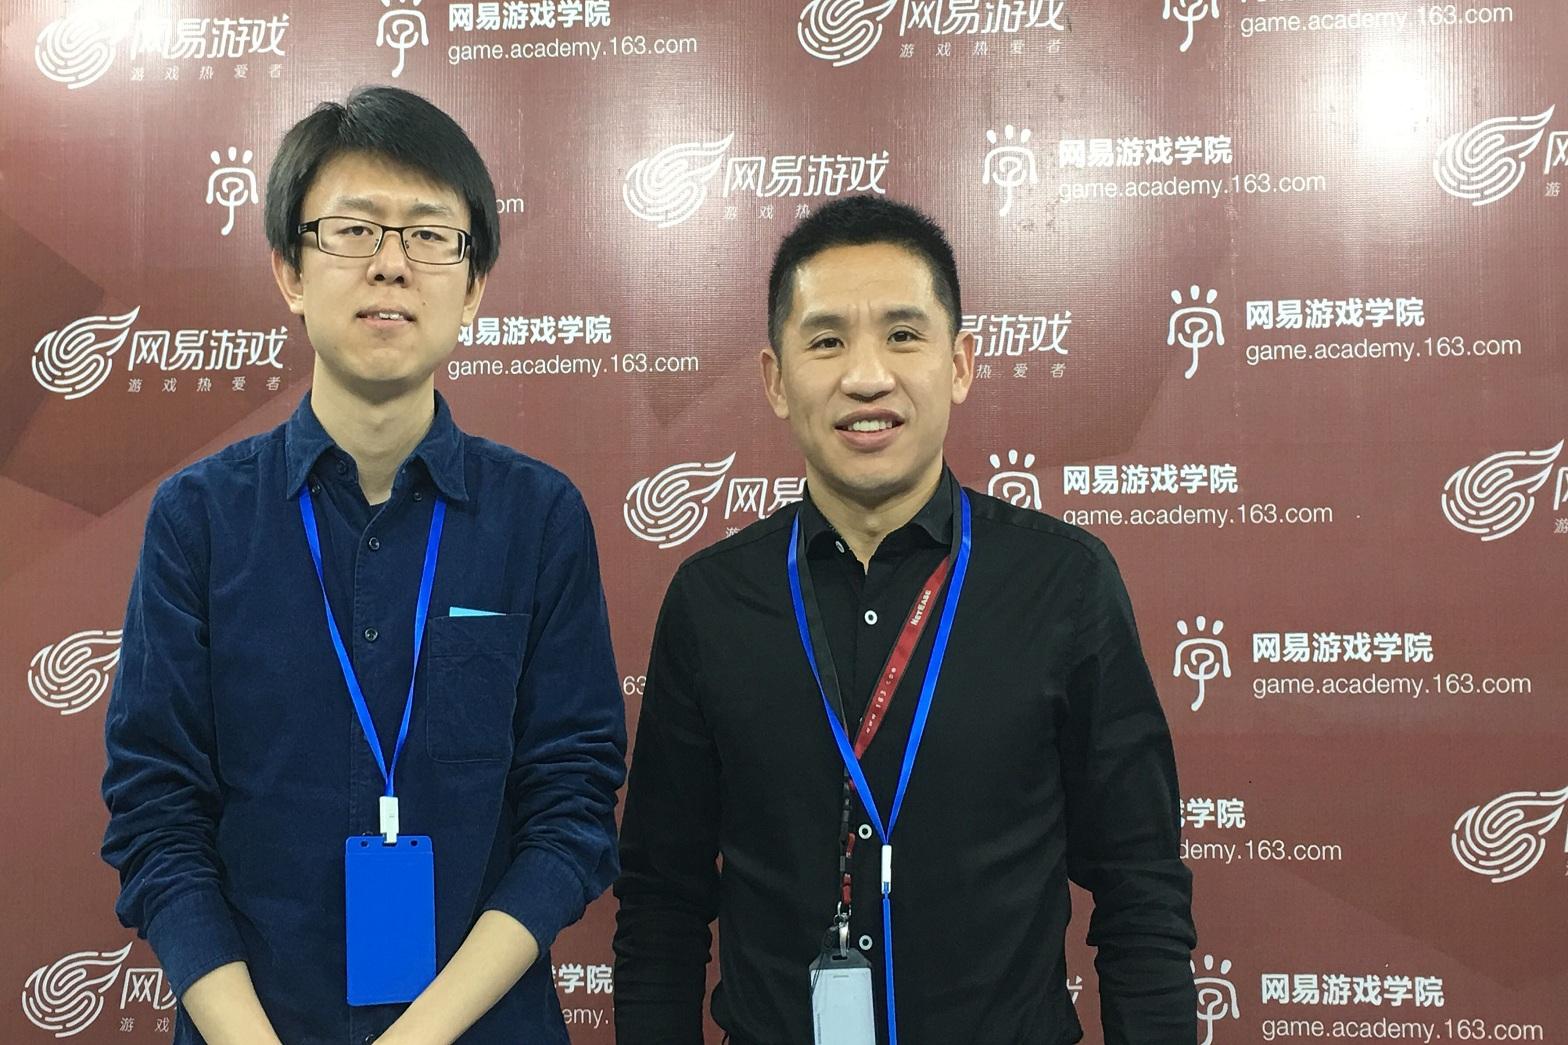 网易游戏学院院长文富俊接受媒体朋友的采访